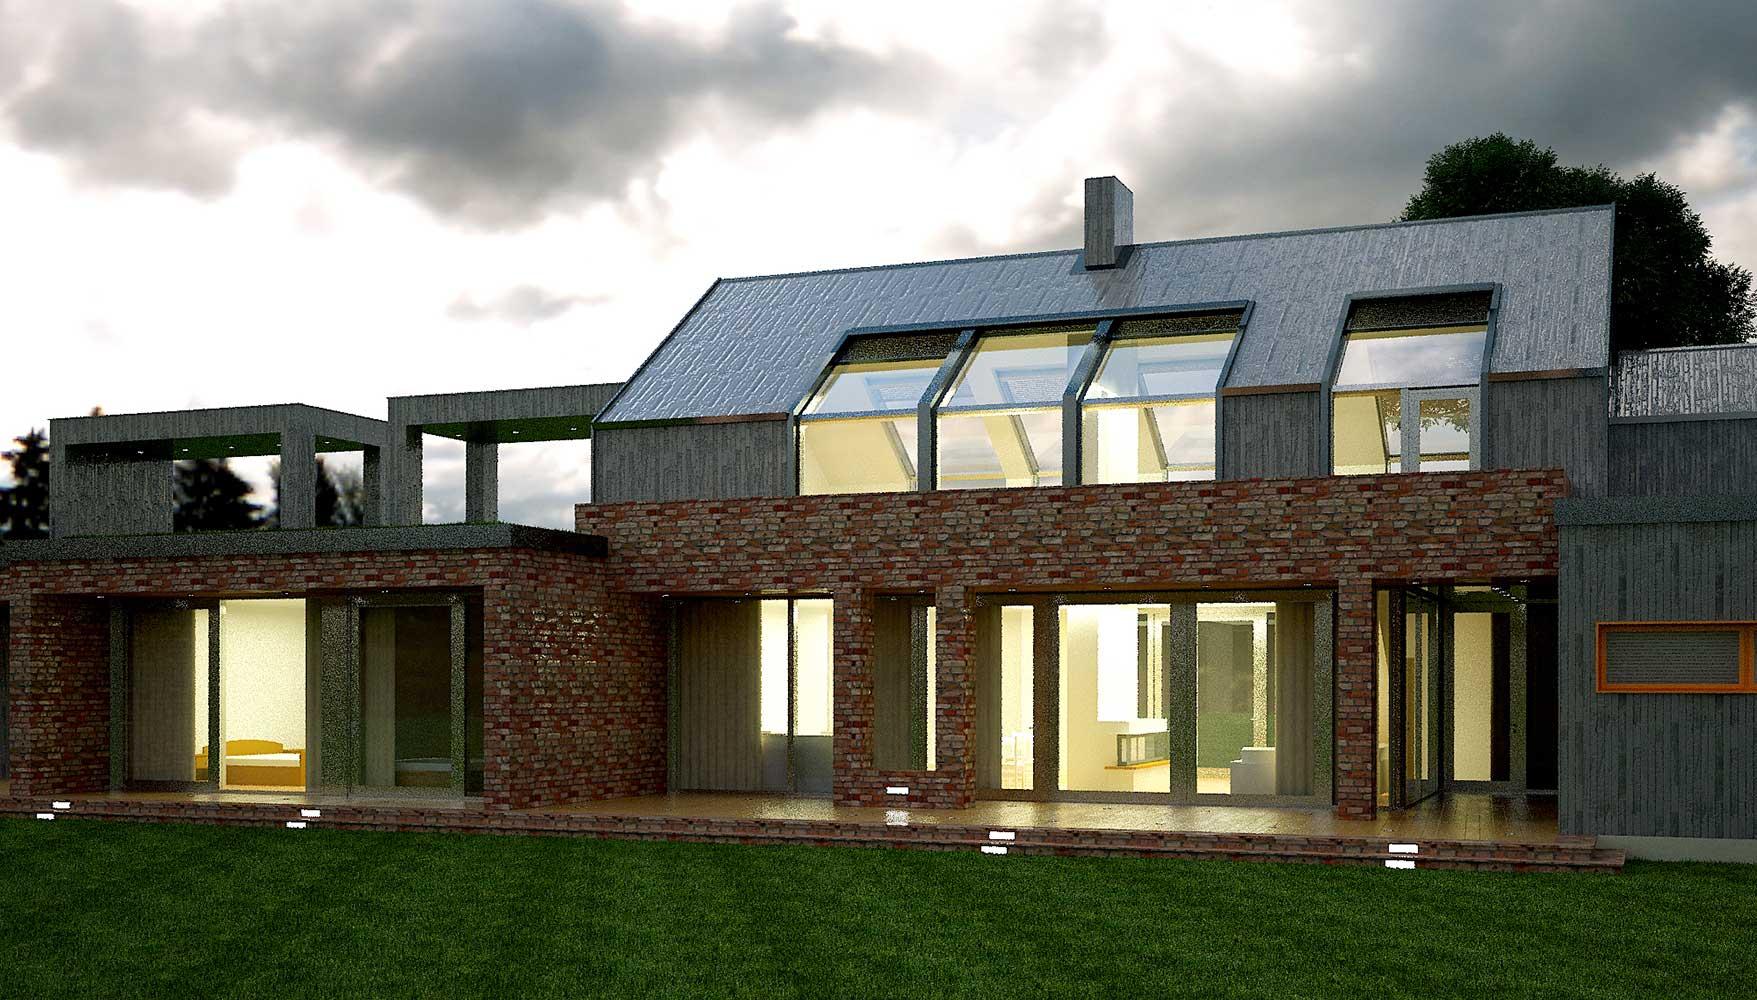 Проектное предложение индивидуального жилого дома (фото 7)